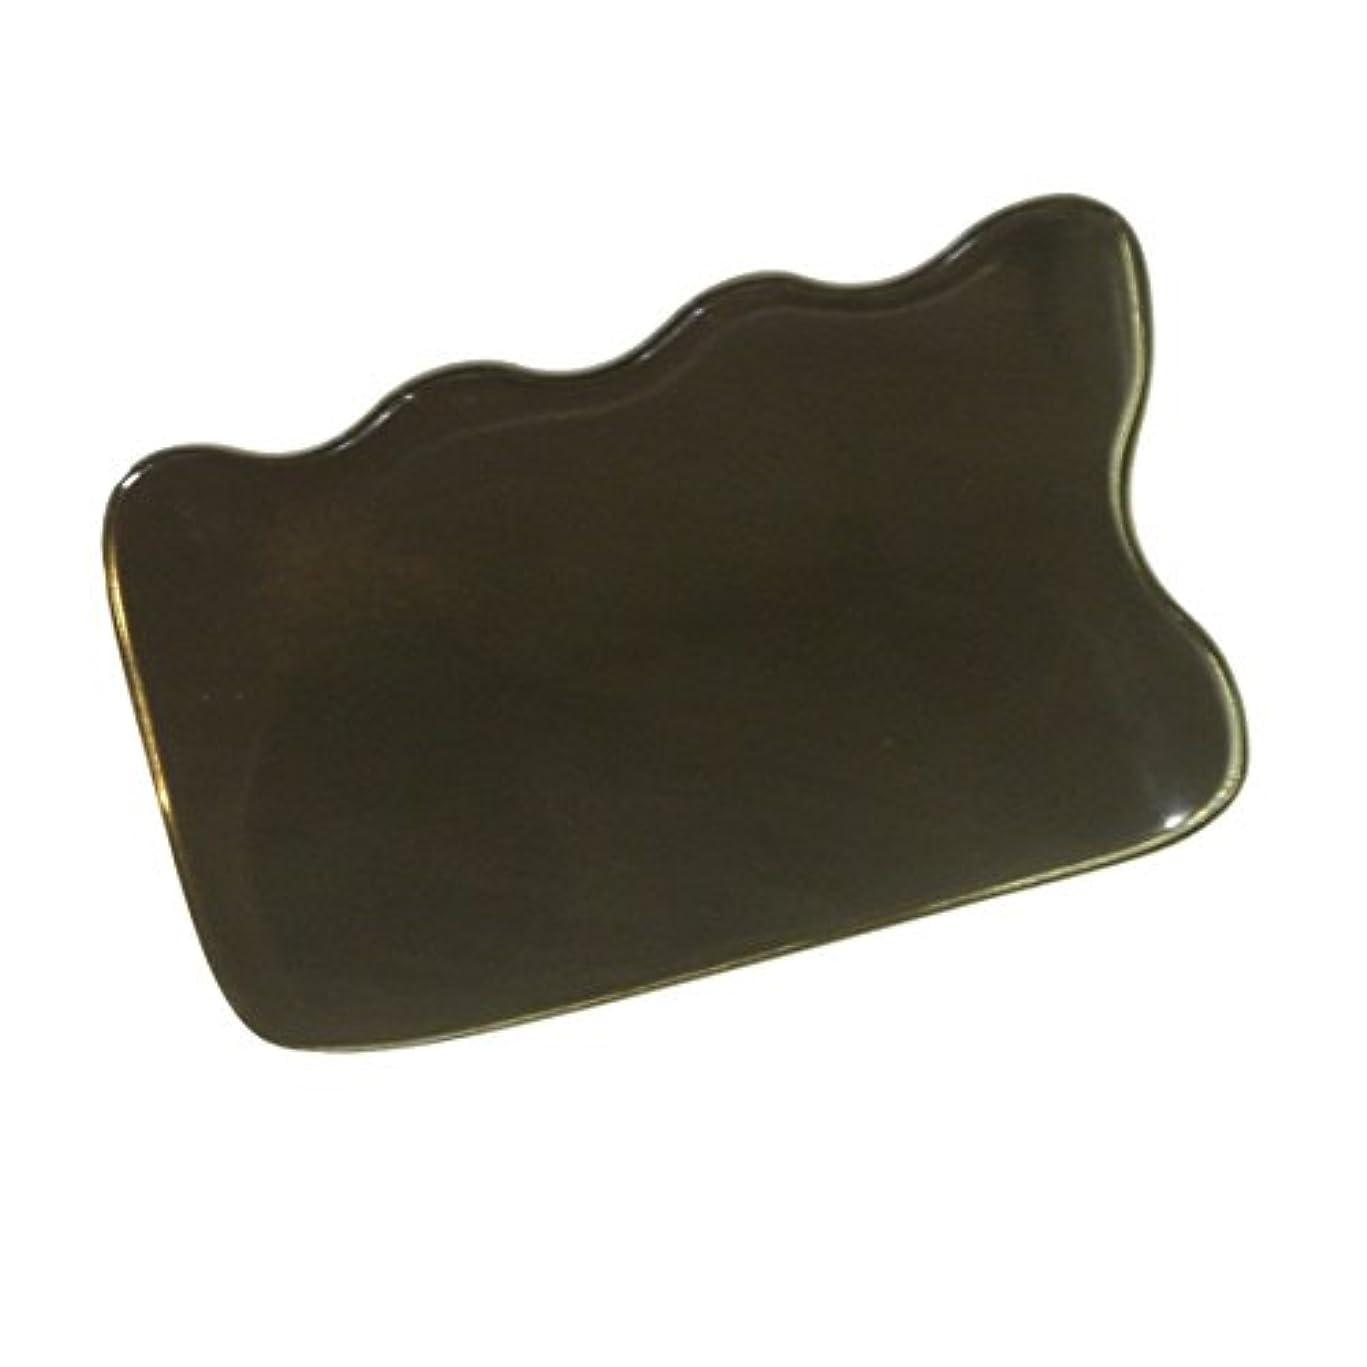 責めトランペット推論かっさ プレート 厚さが選べる 水牛の角(黒水牛角) EHE220 四角波 一般品 厚め(7ミリ程度)